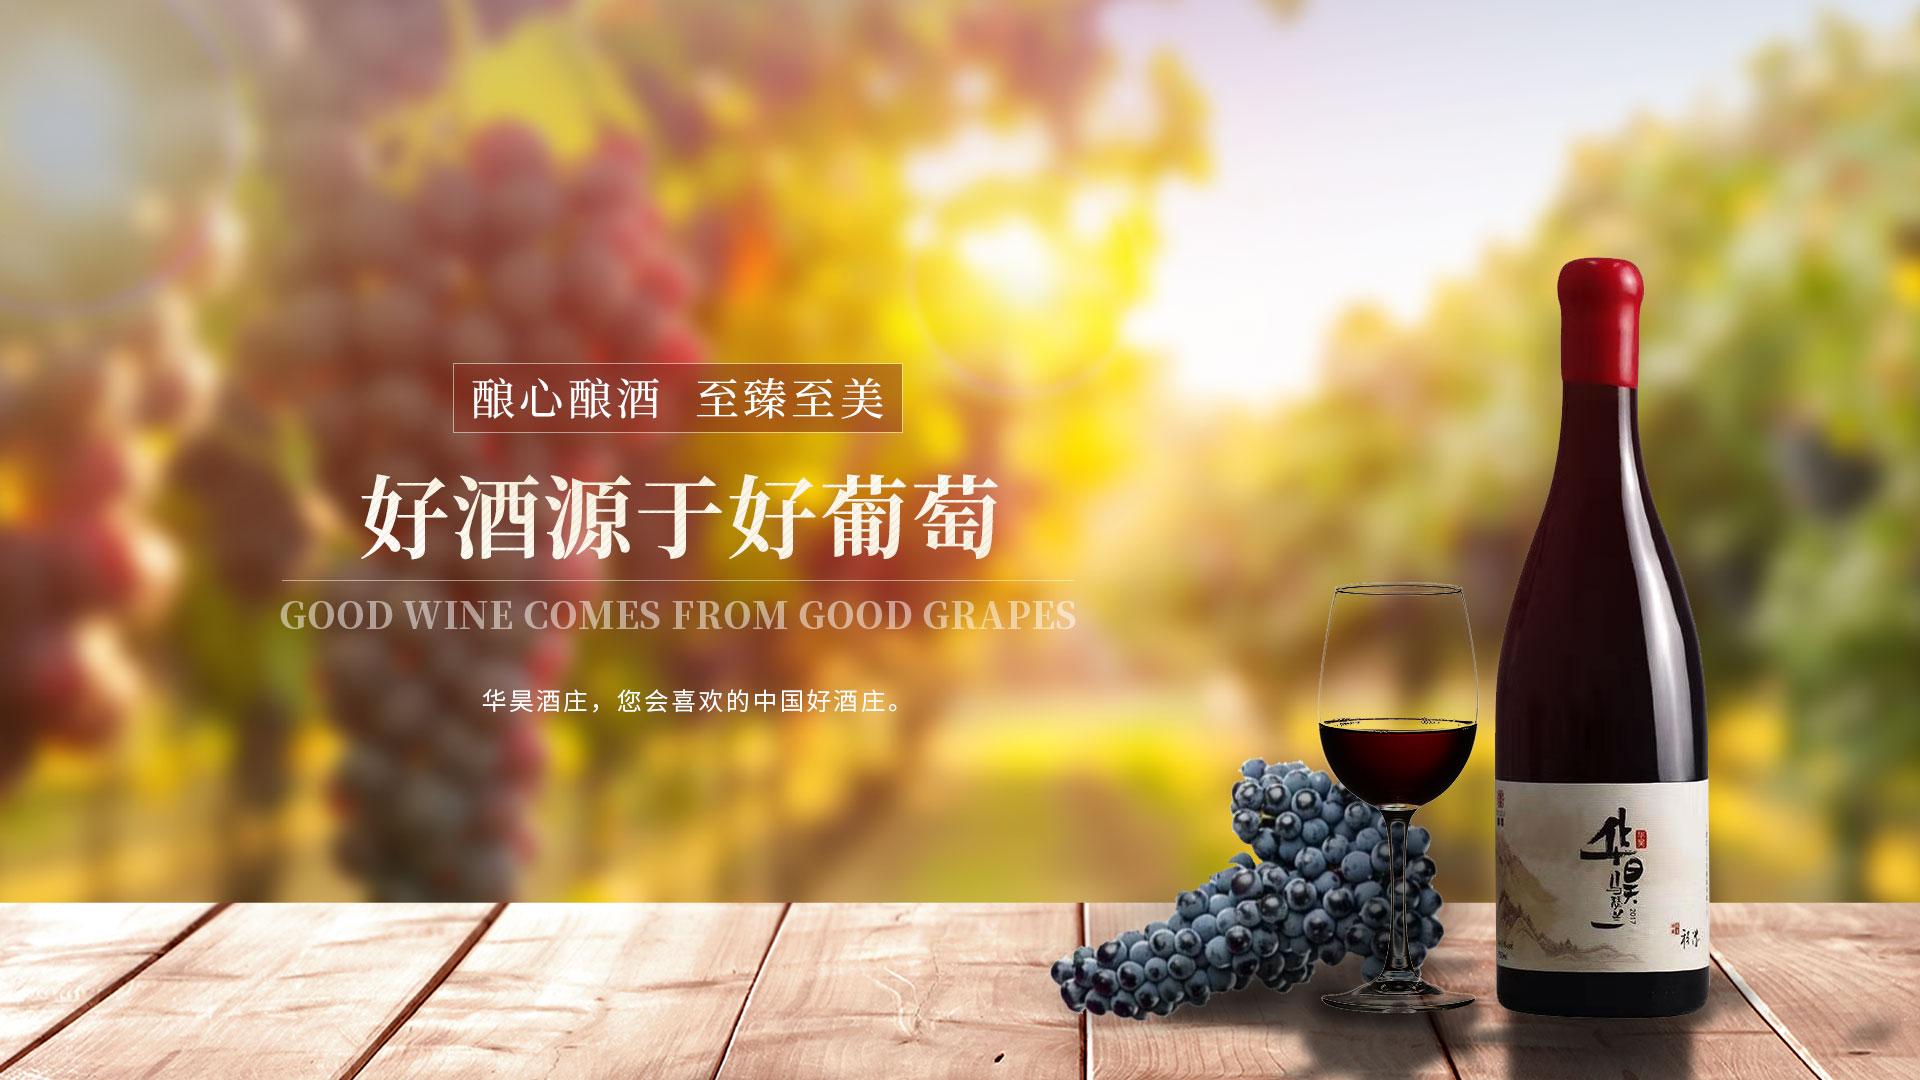 宁夏柳木高红酒